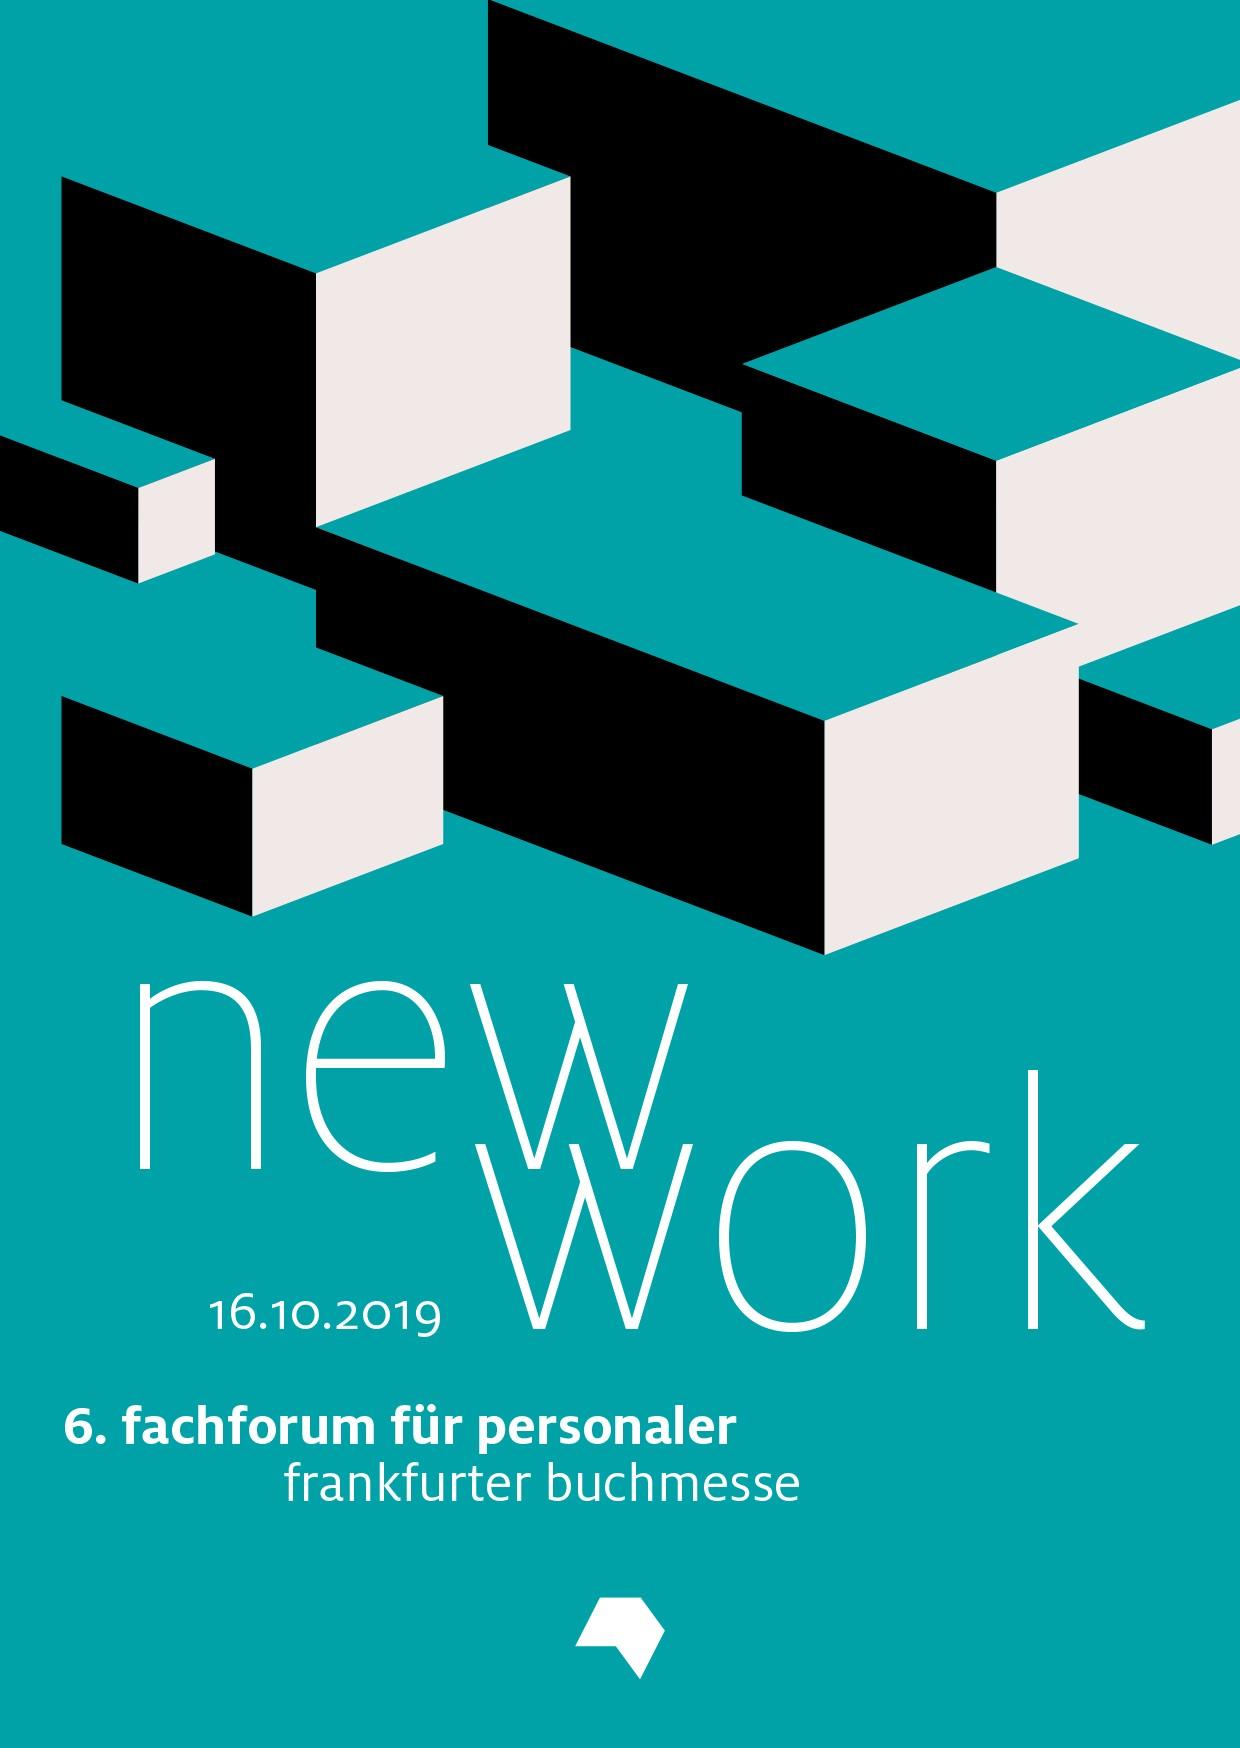 Fachforum für Personaler #fbm19